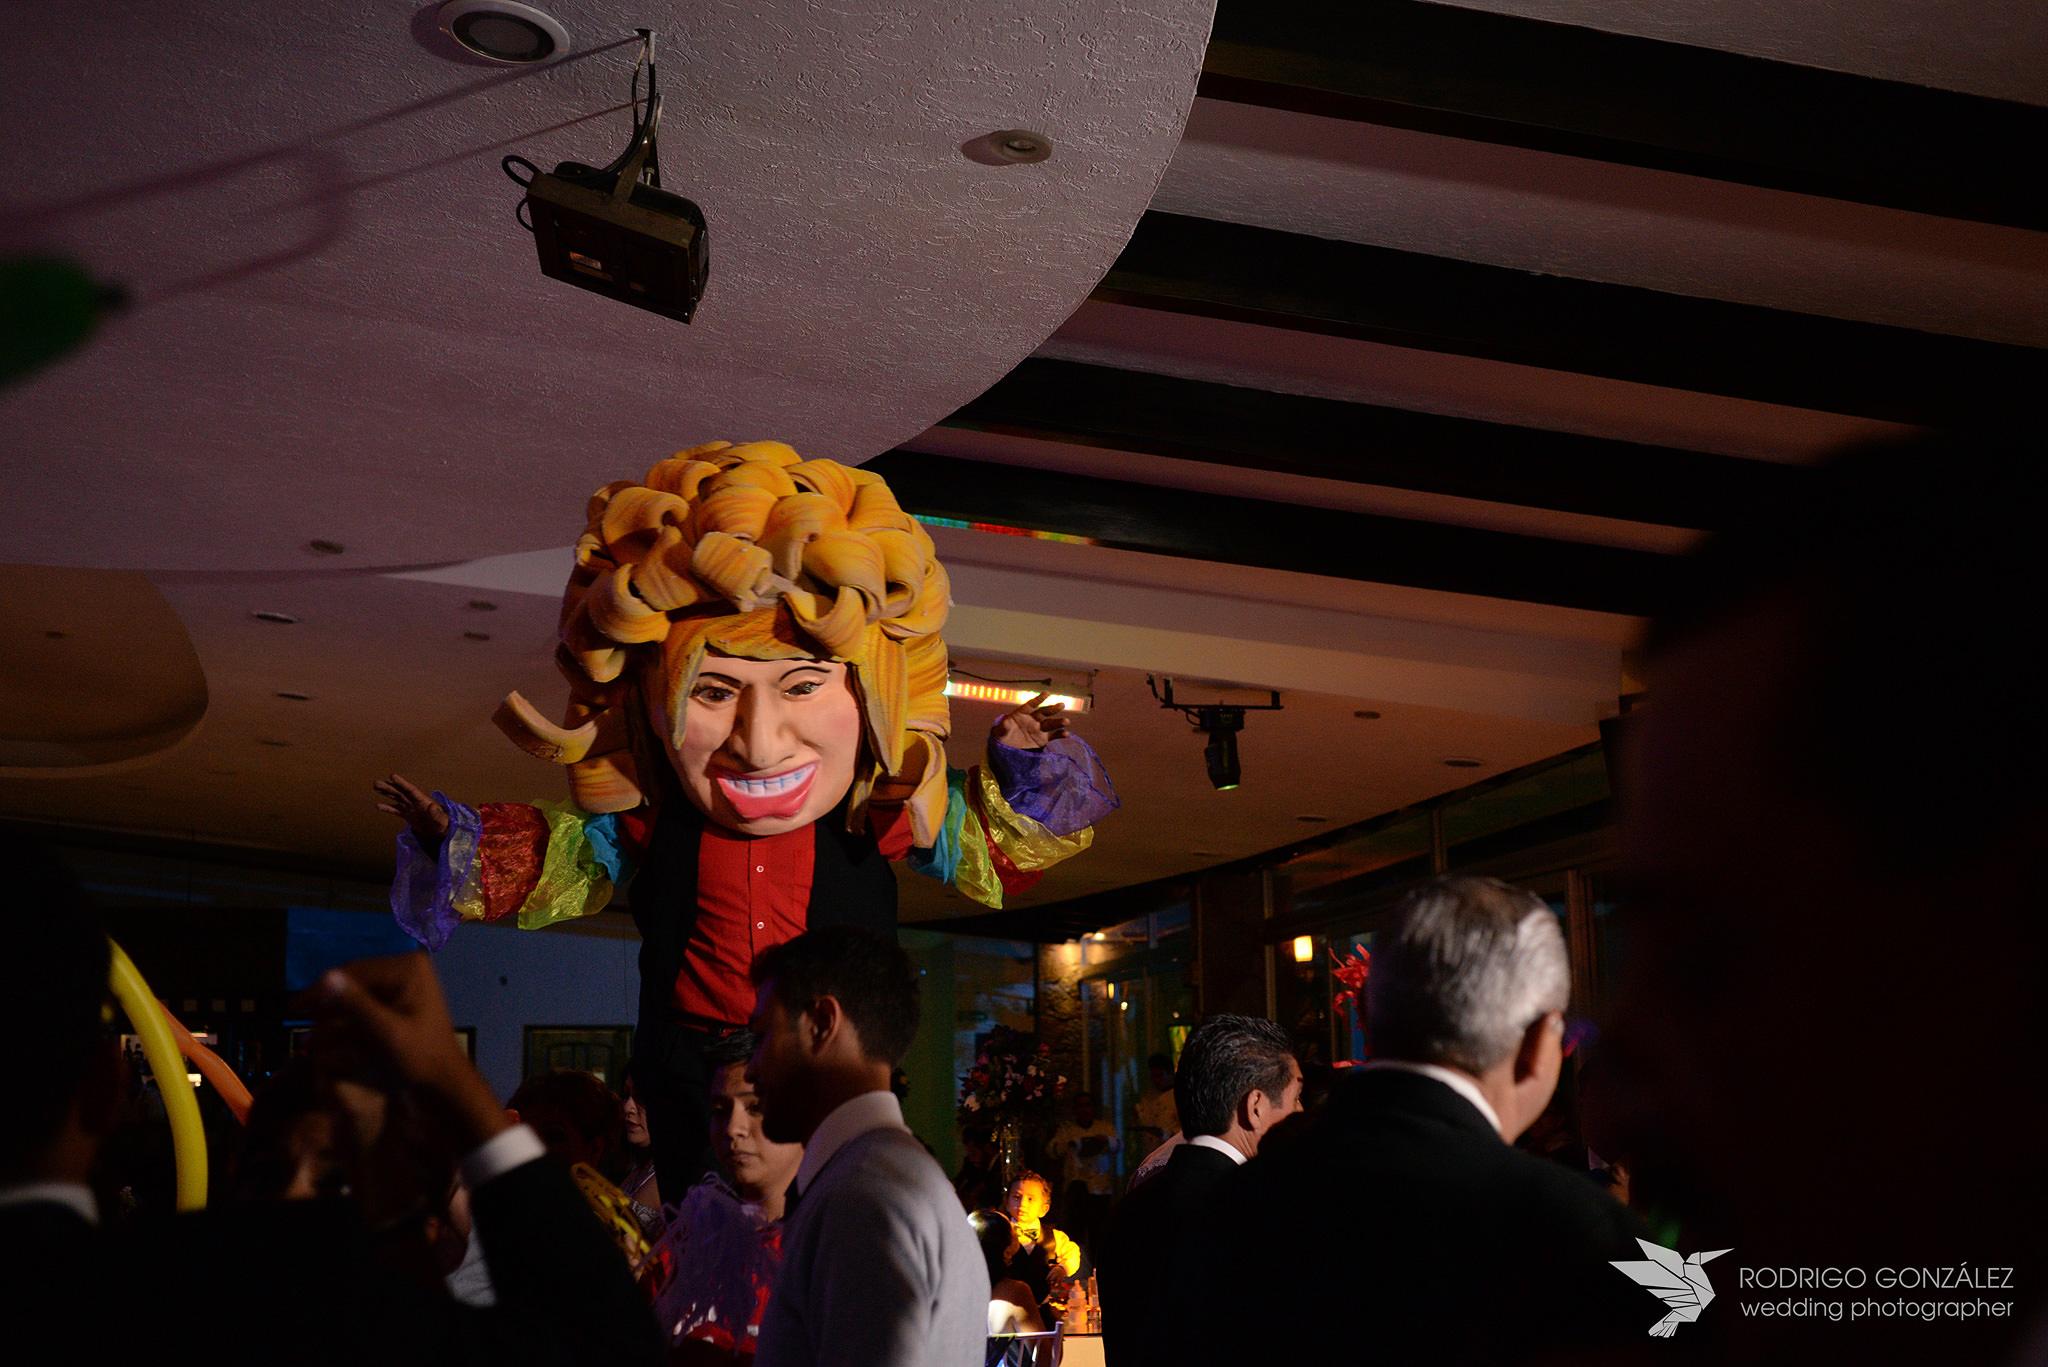 fotografo-de-bodas-salon-acrofest-0770